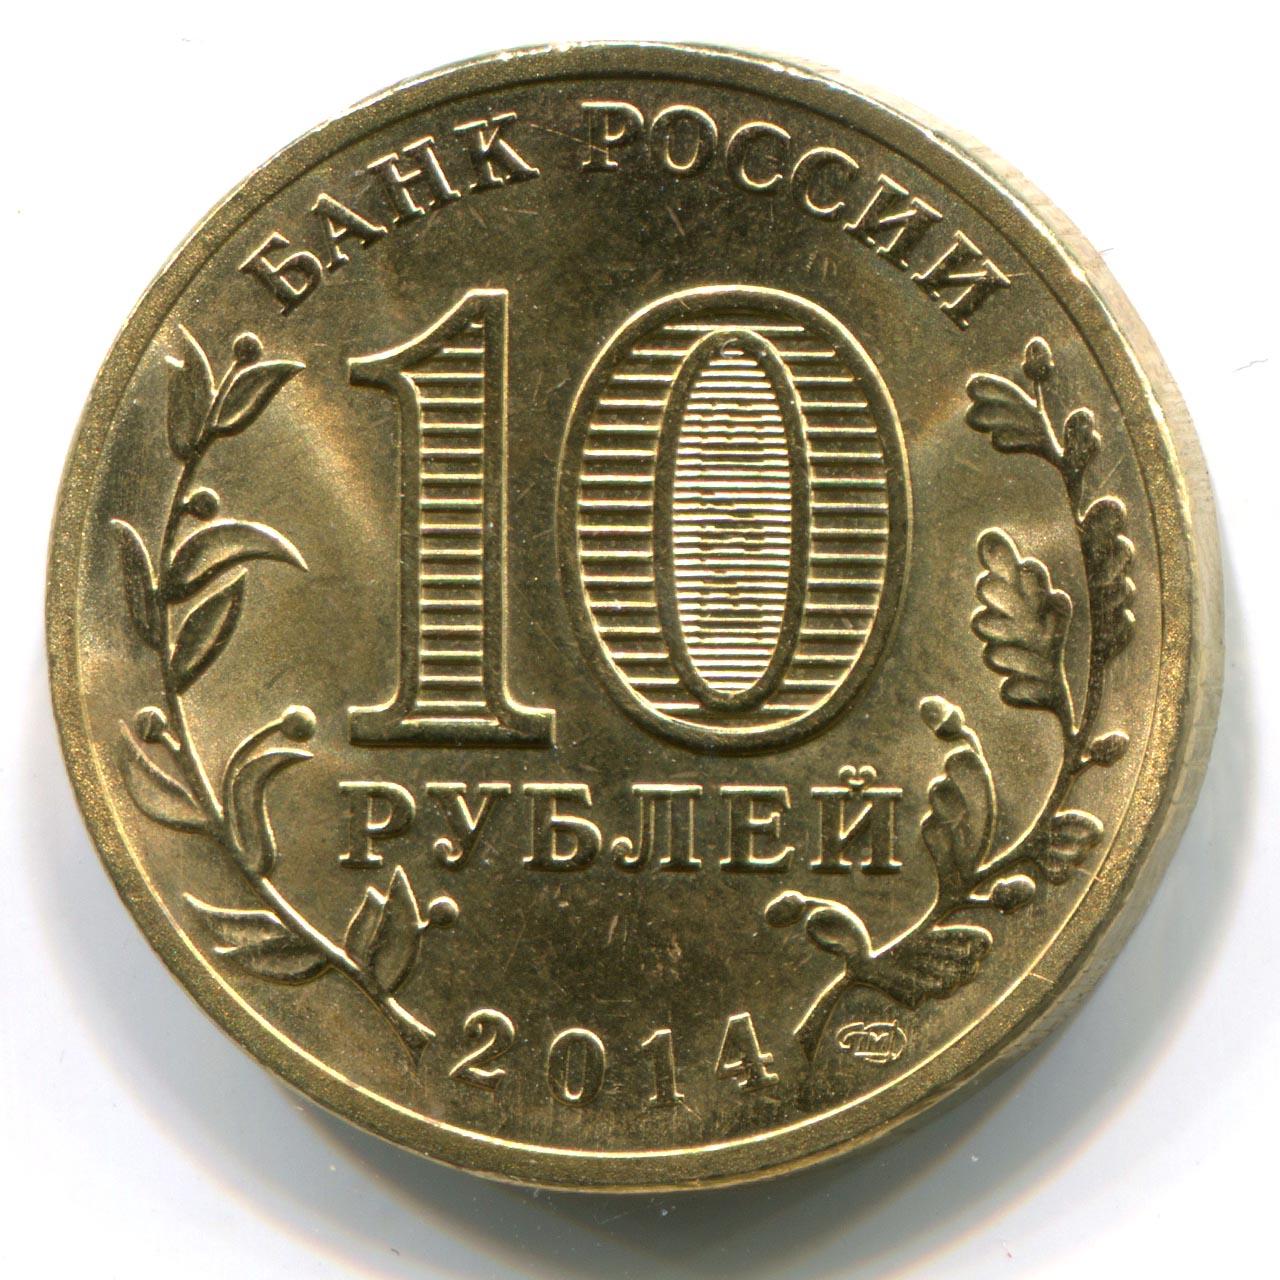 10 рублей гвс 2014 за труды по освобождению крестьян